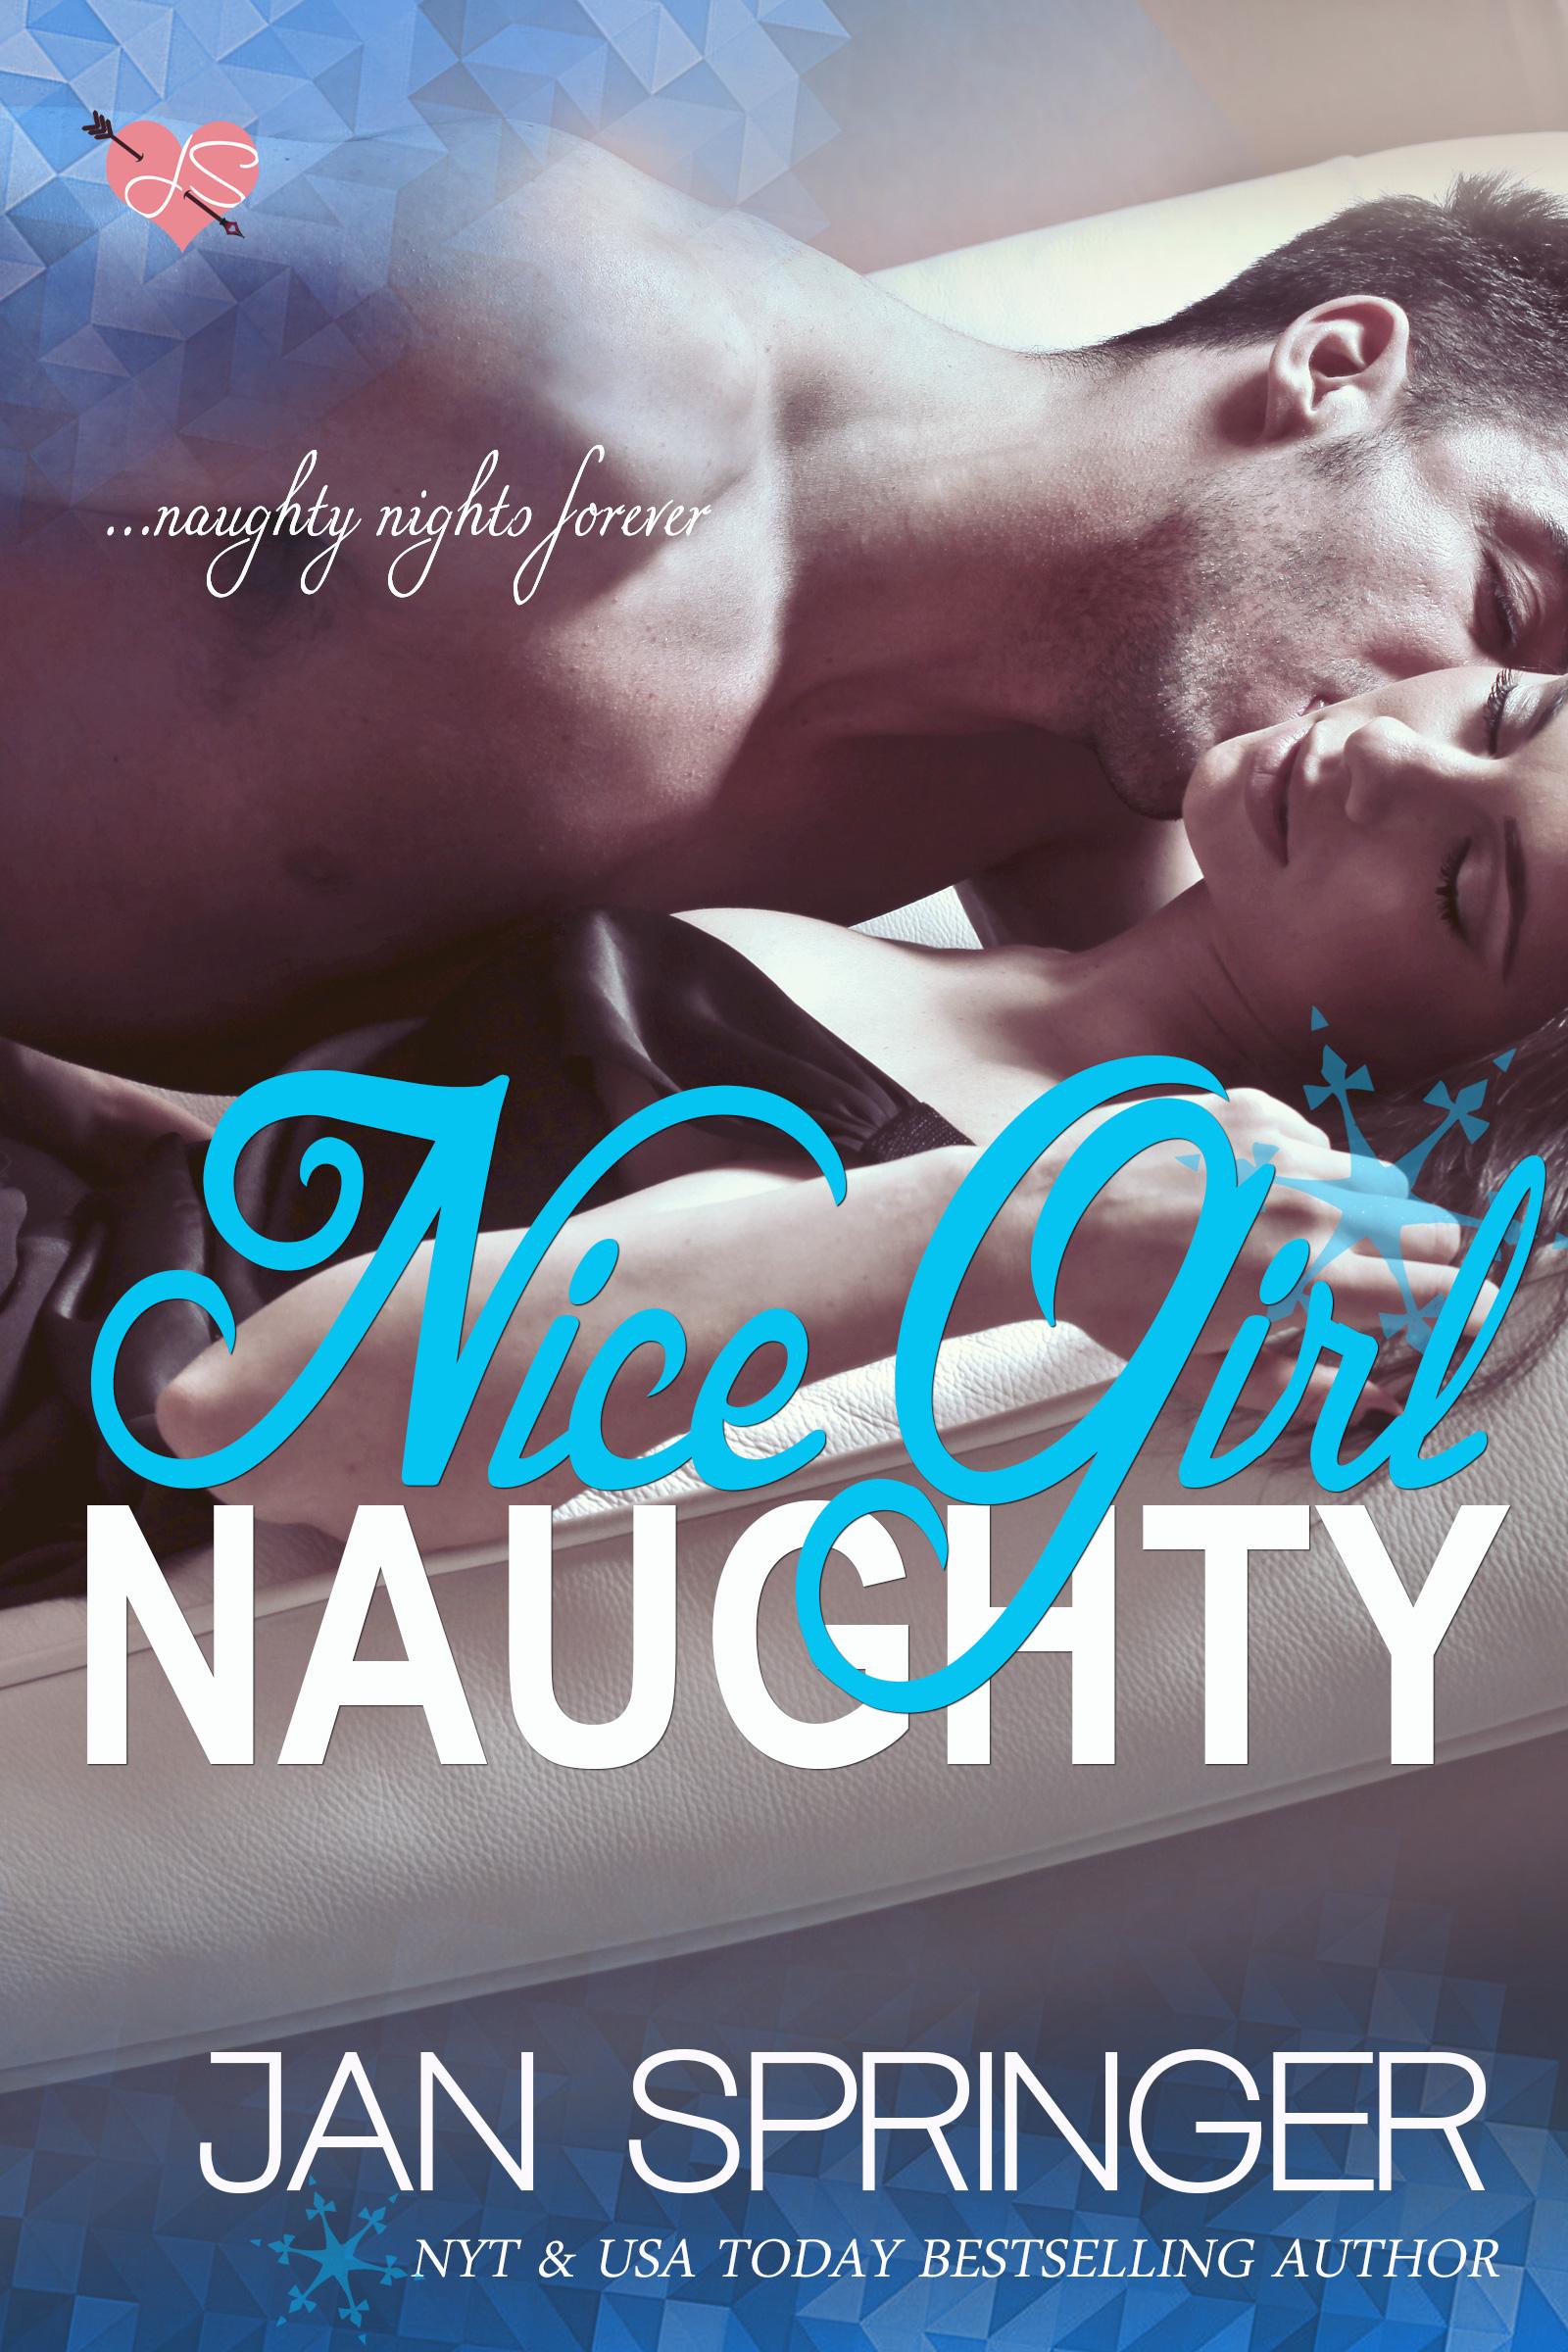 Nice girl naughty